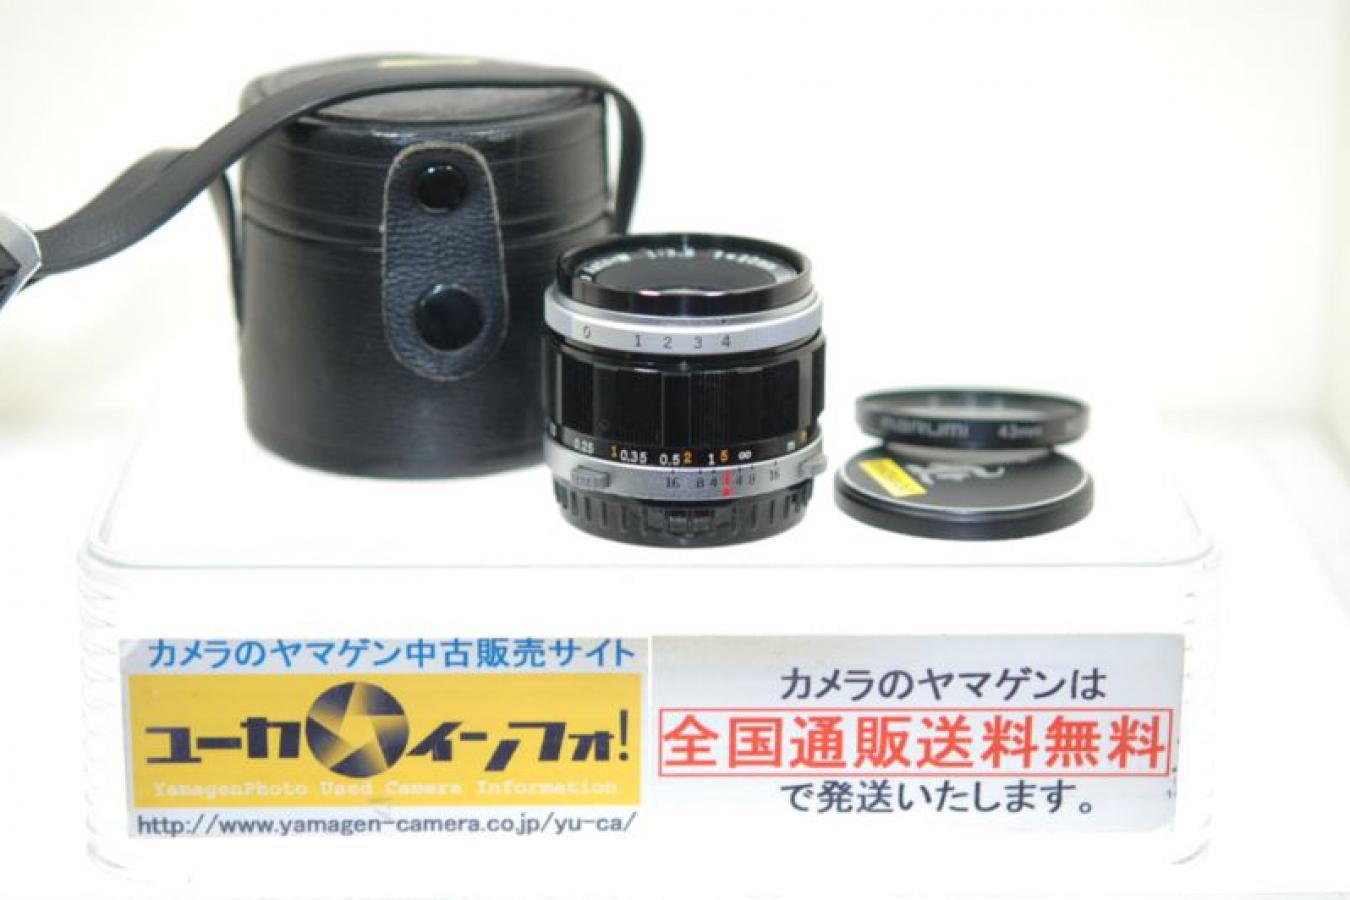 オリンパス PEN-FT用G ZUIKO AUTO-W 20mm F3.5 【純正ケース、マルミ製43mmMC-UVフィルター付】